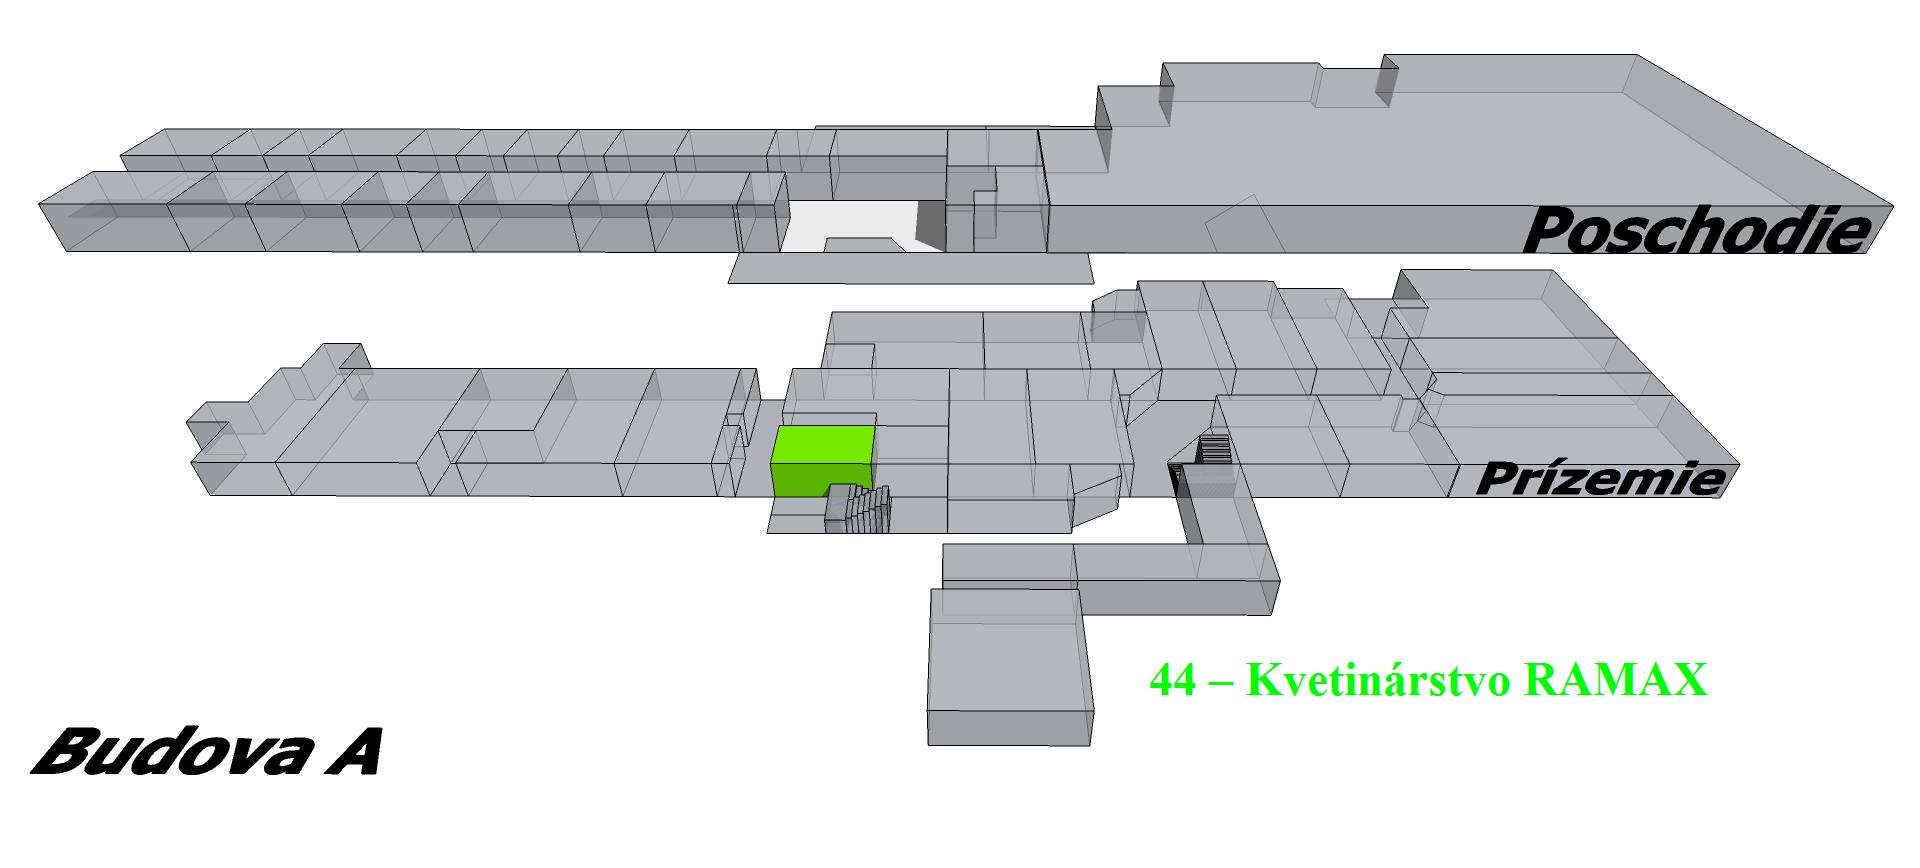 44_Kvetinárstvo_RAMAX_budova_A_prízemie_s_u